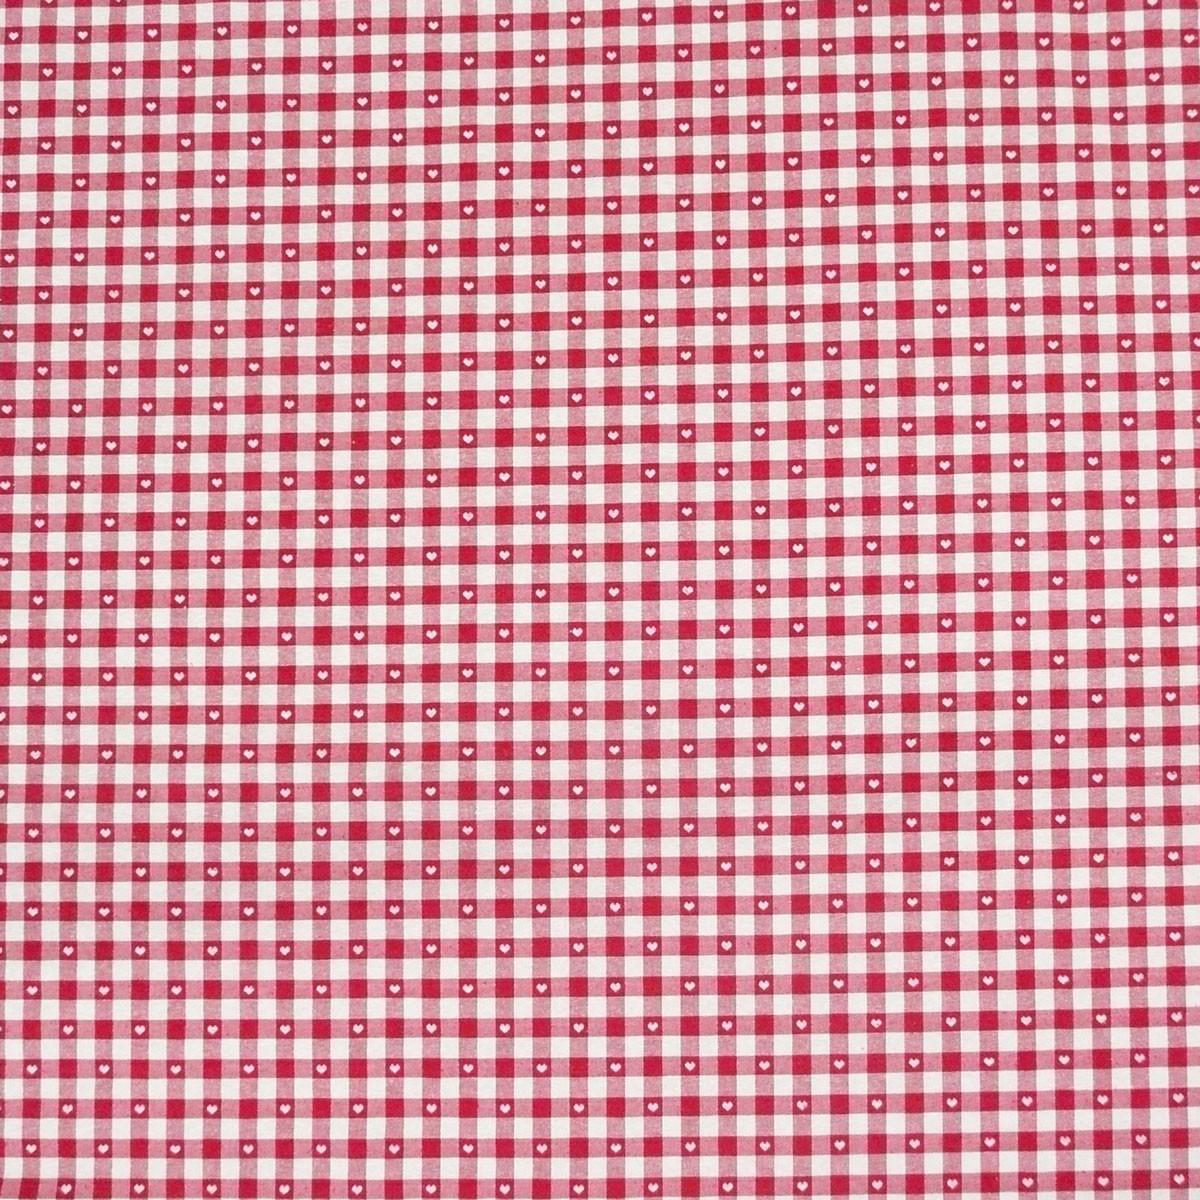 gardinenstoff stoff dekostoff meterware kariert mit herzen rot wei stoffe stoffe gemustert. Black Bedroom Furniture Sets. Home Design Ideas